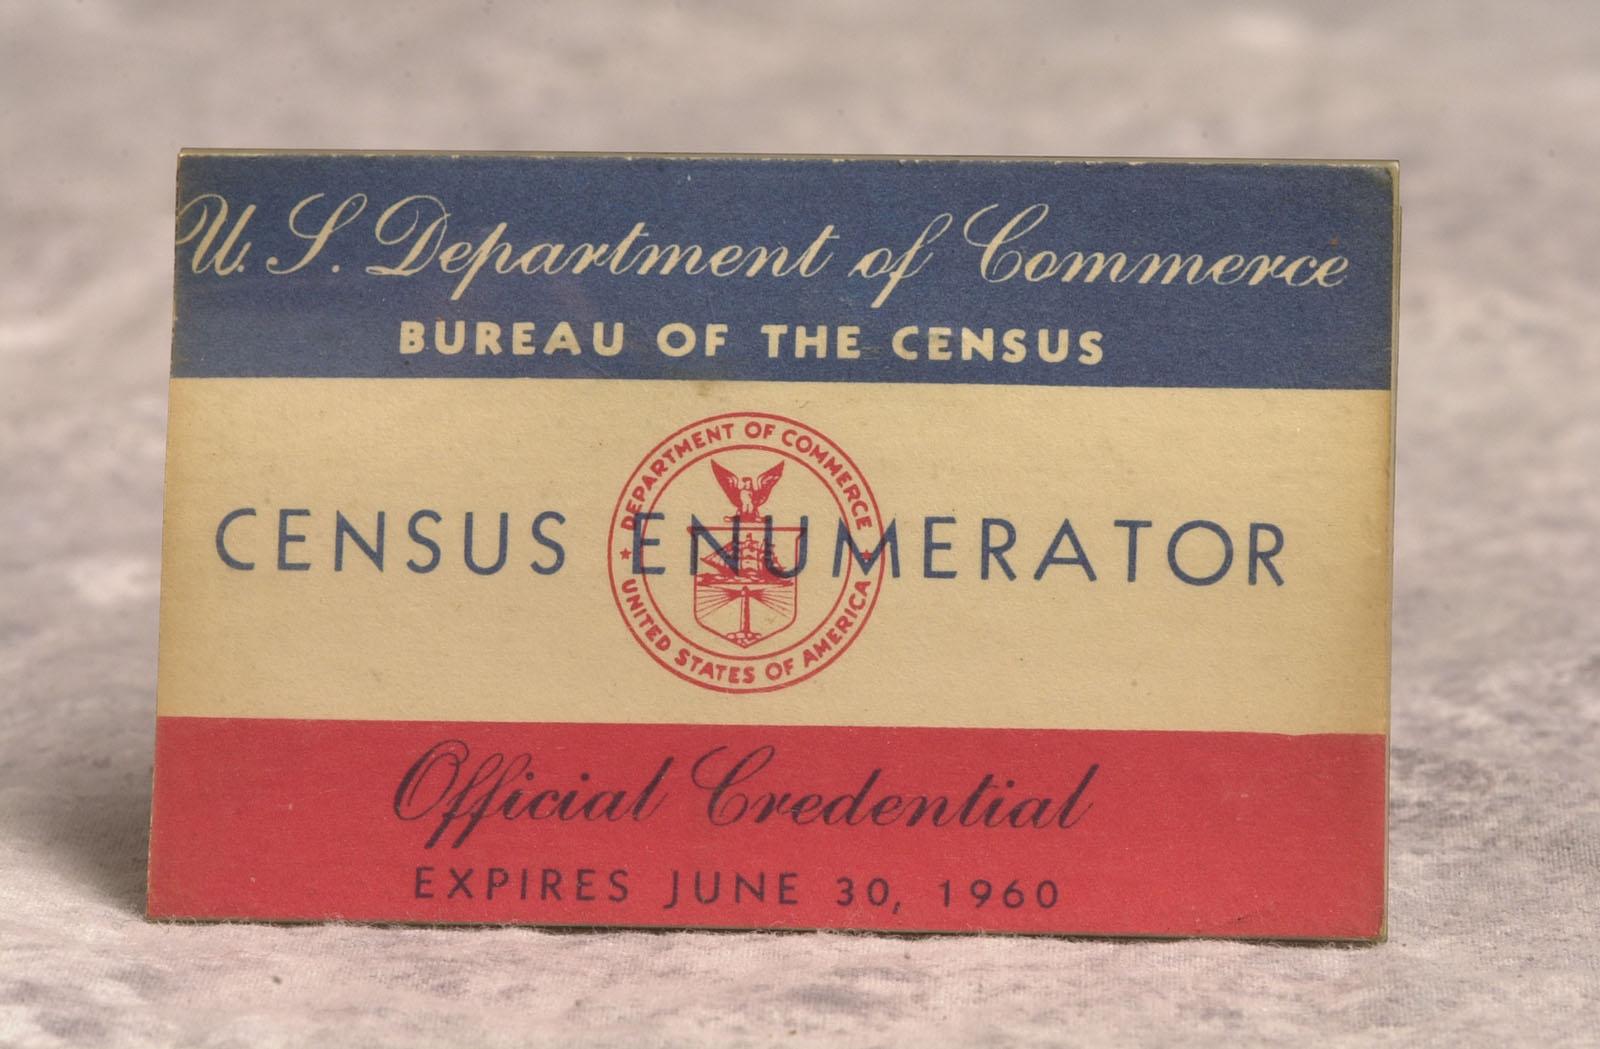 1960 Census enumerator badge